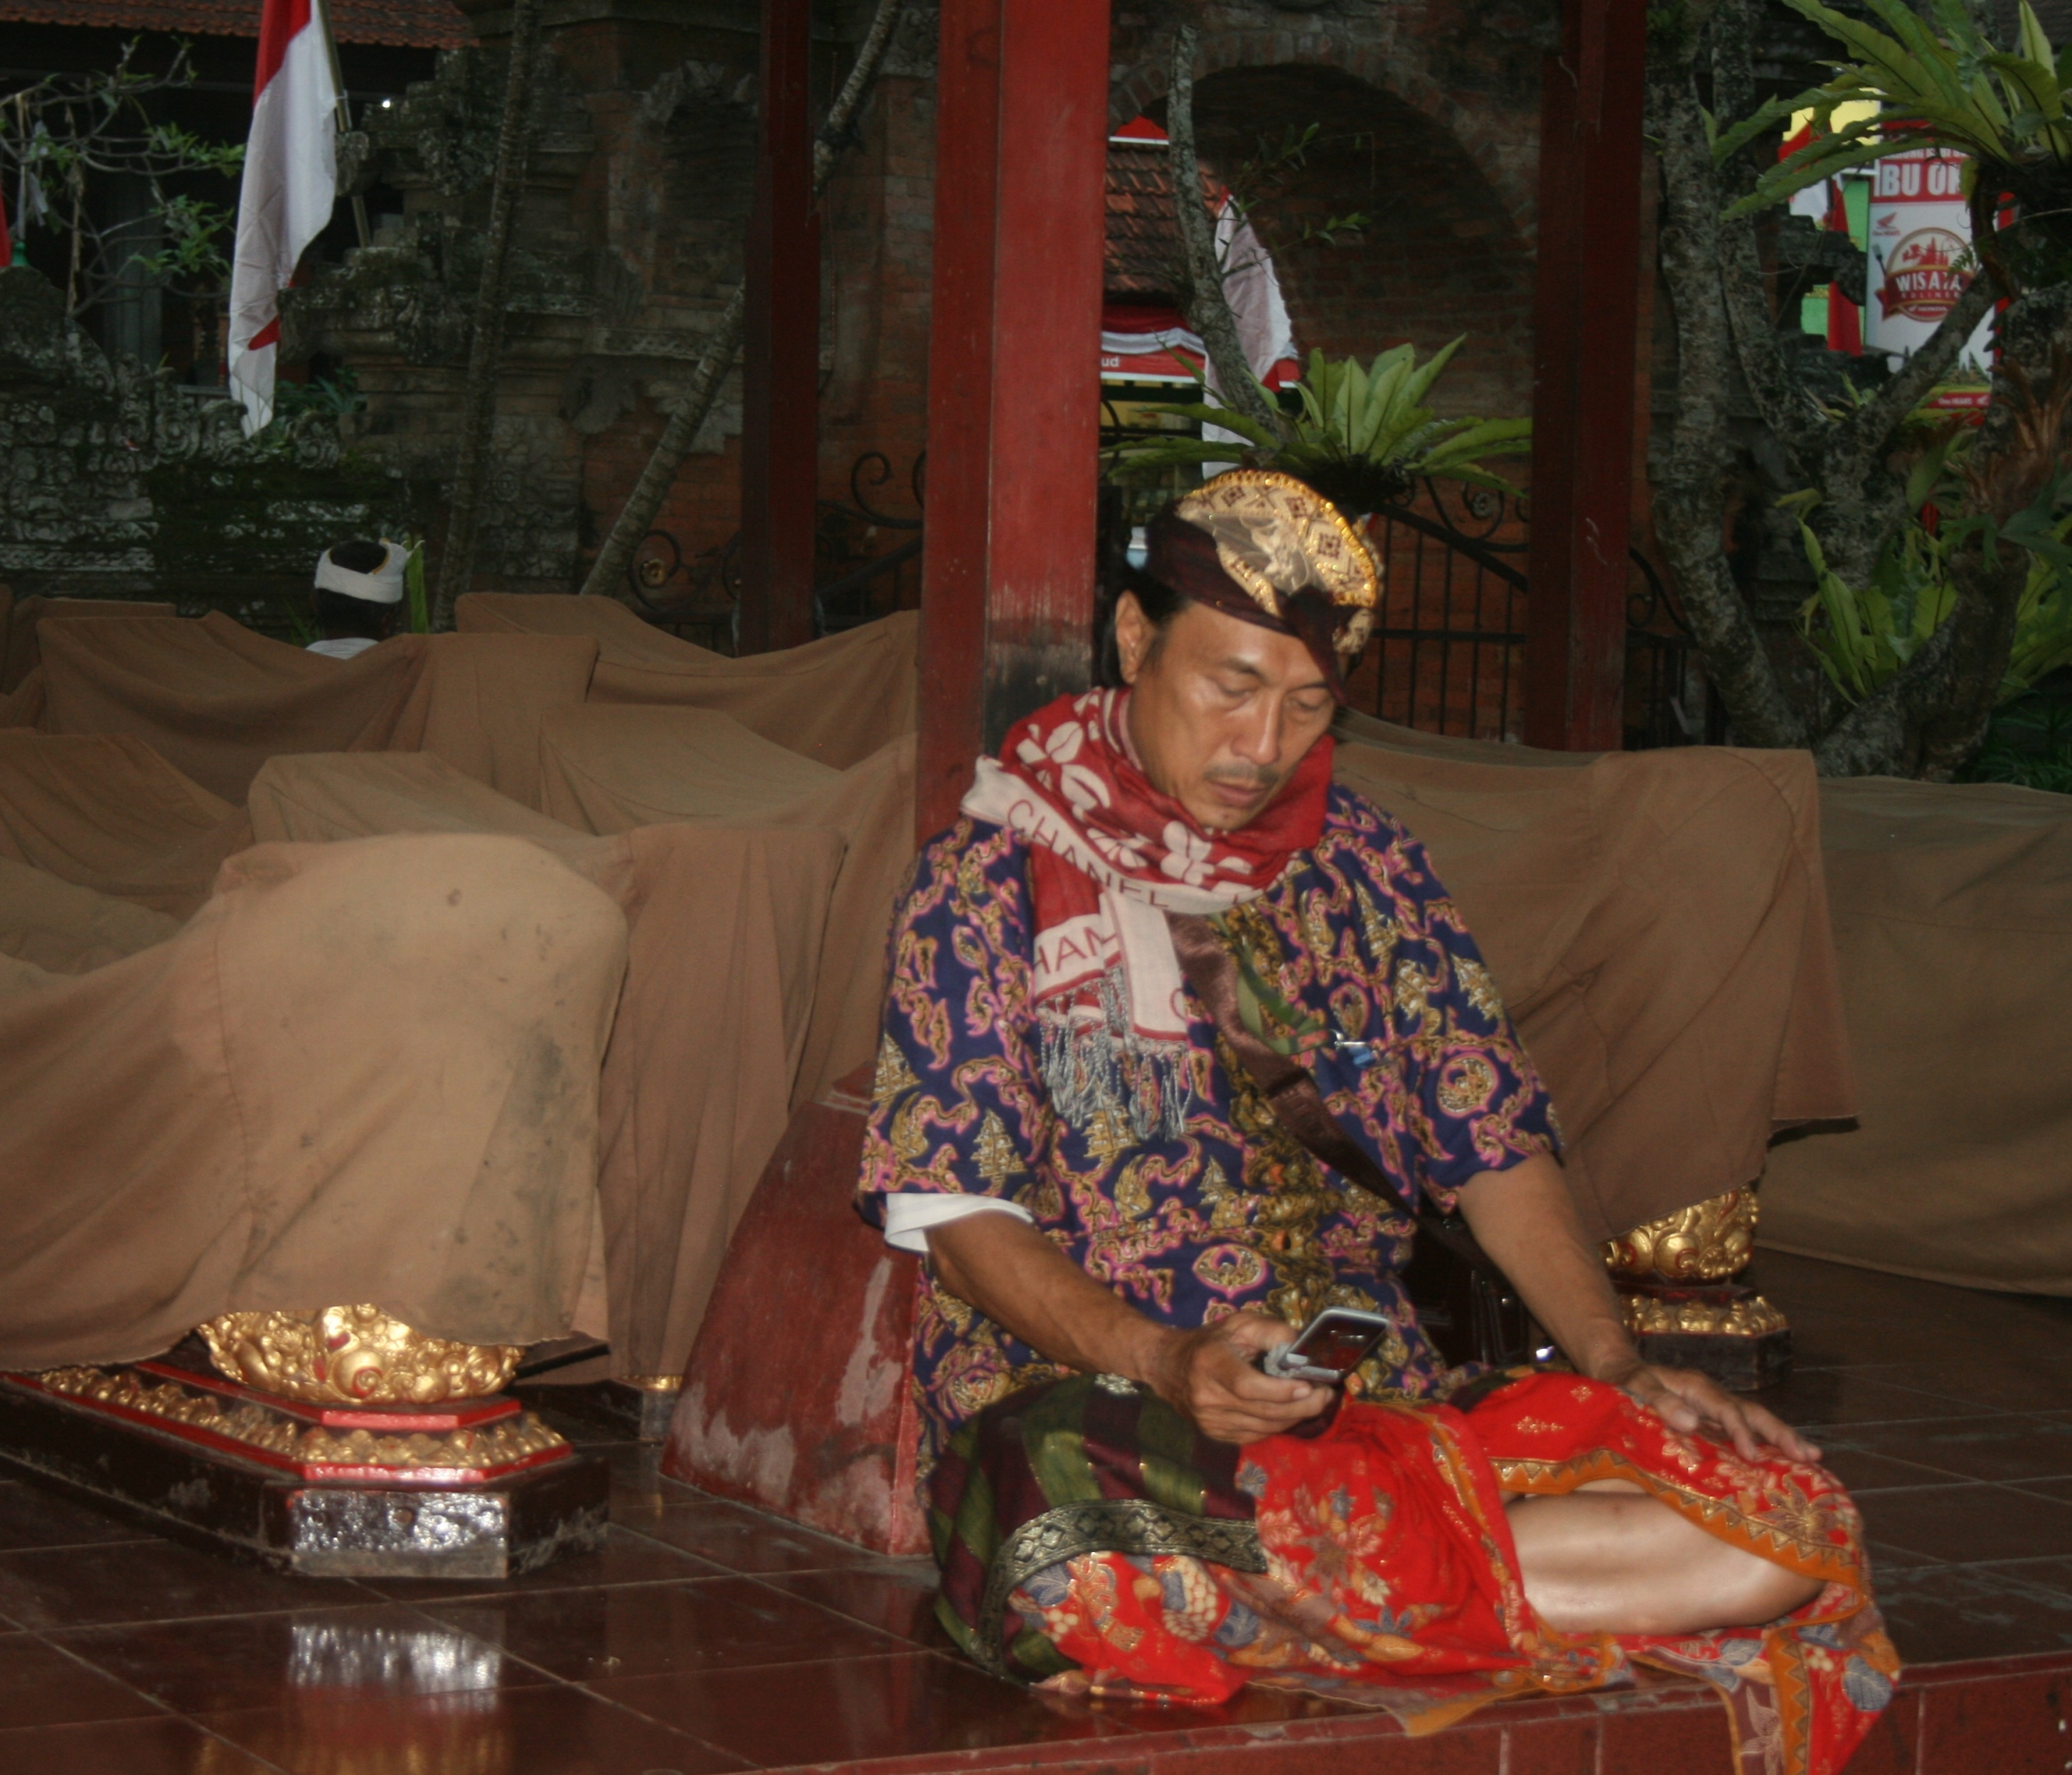 Balinesischer Tänzer (c) DM